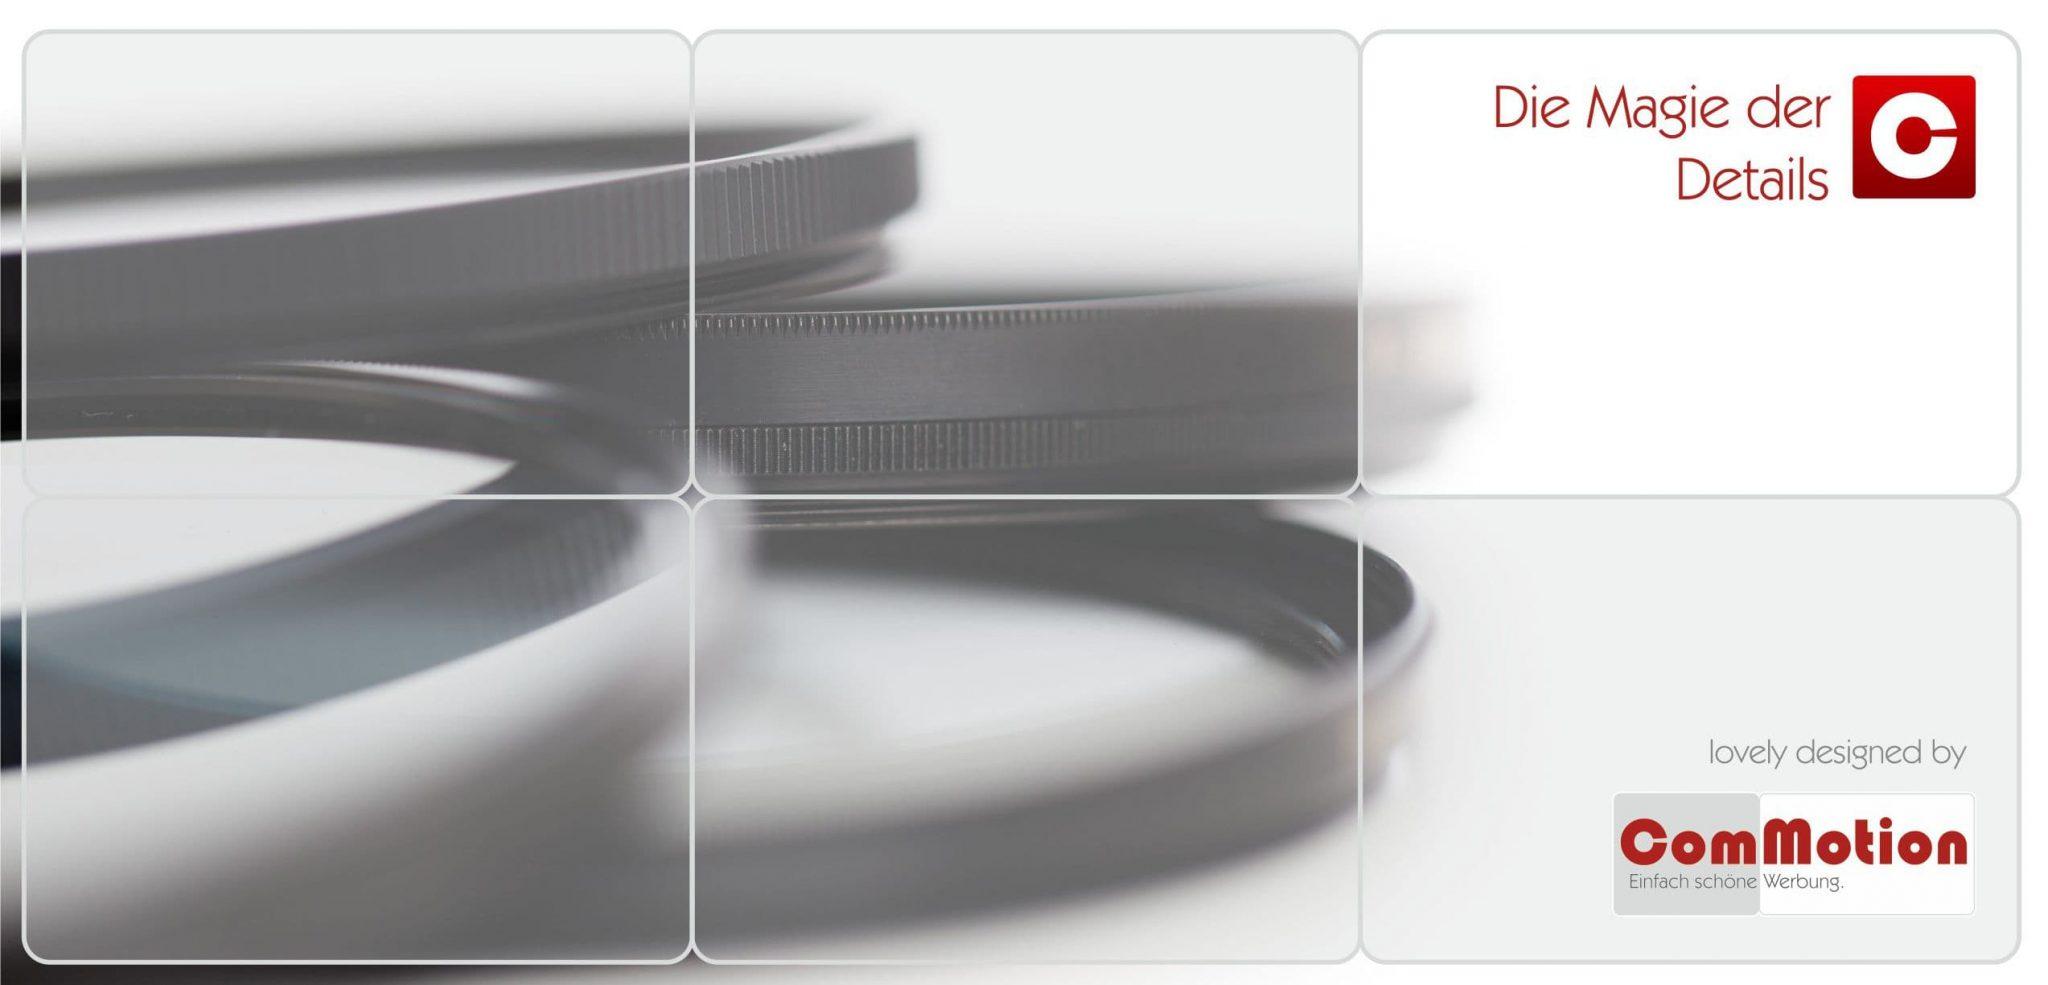 Magie der Details Imagebroschüre